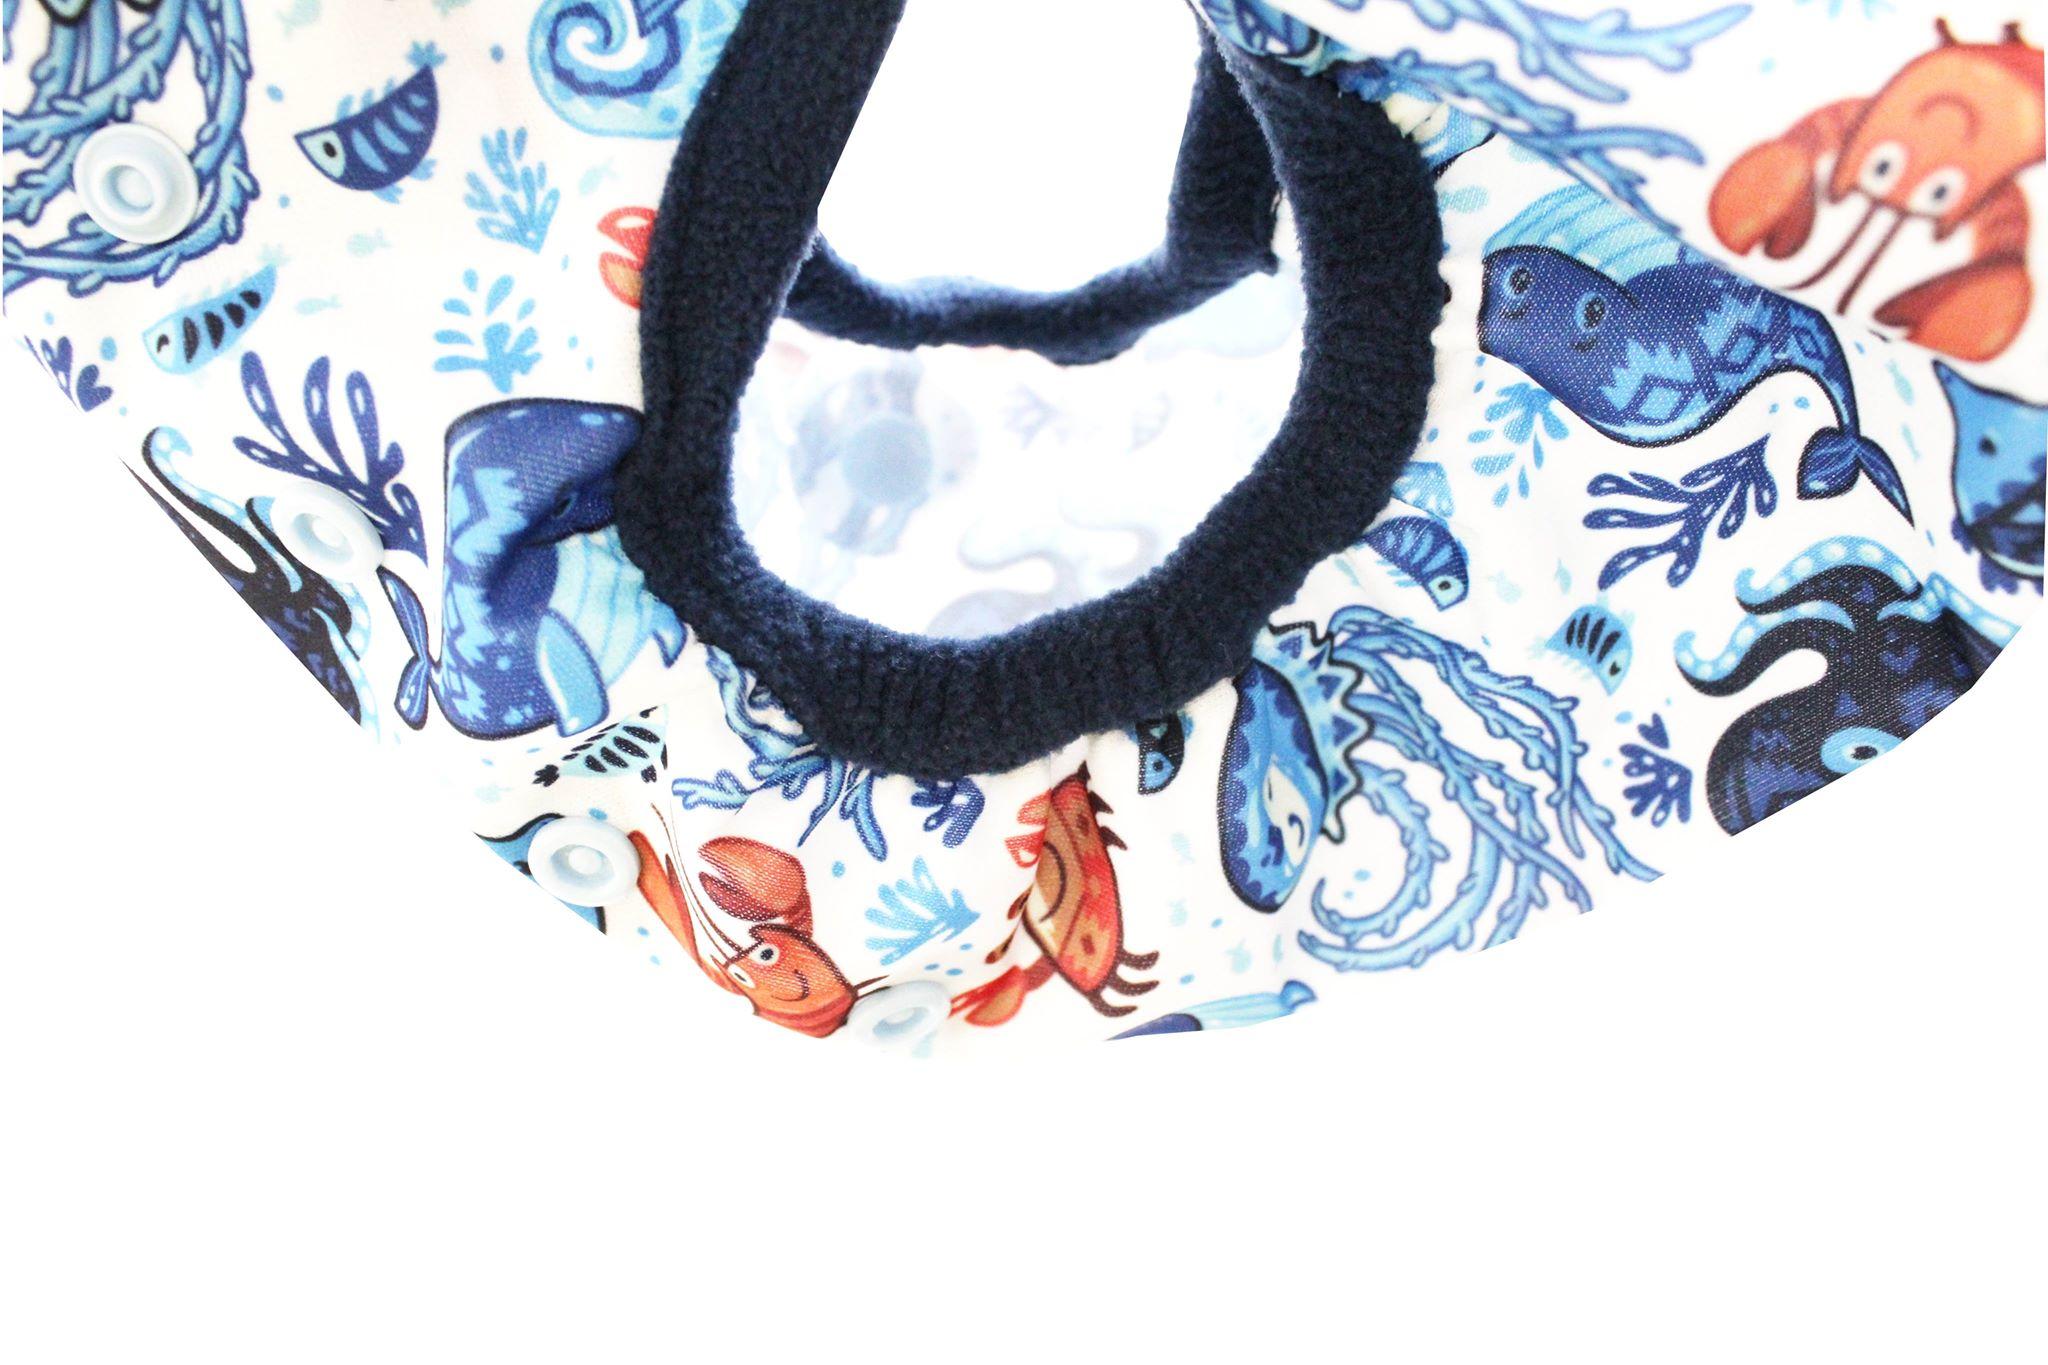 Svrchní kalhotky z PULu - Lemované fleecem, jednovelikostní, na patentky, bez křidélek